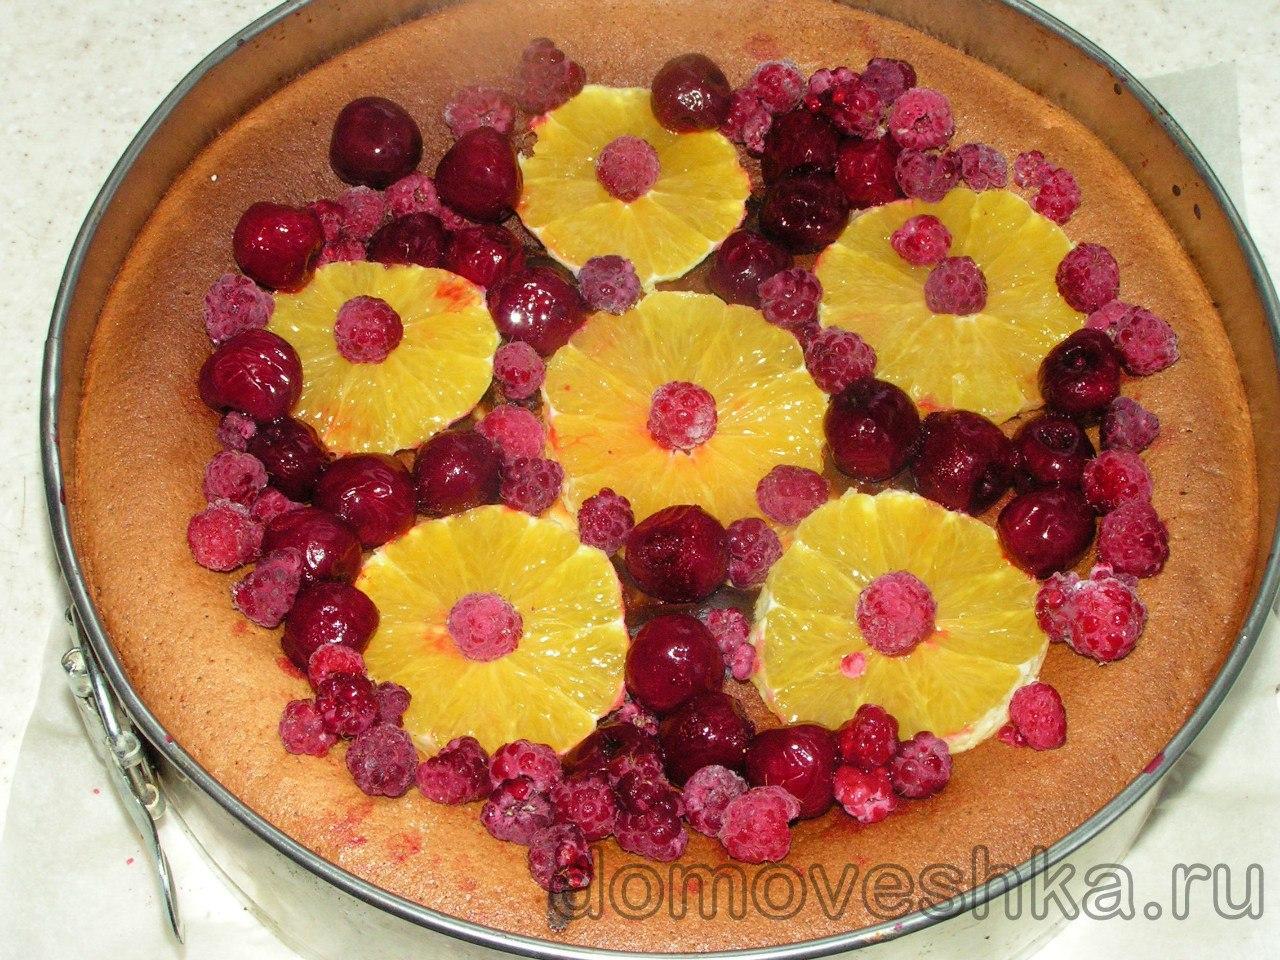 фруктово-ягодный чизкейк